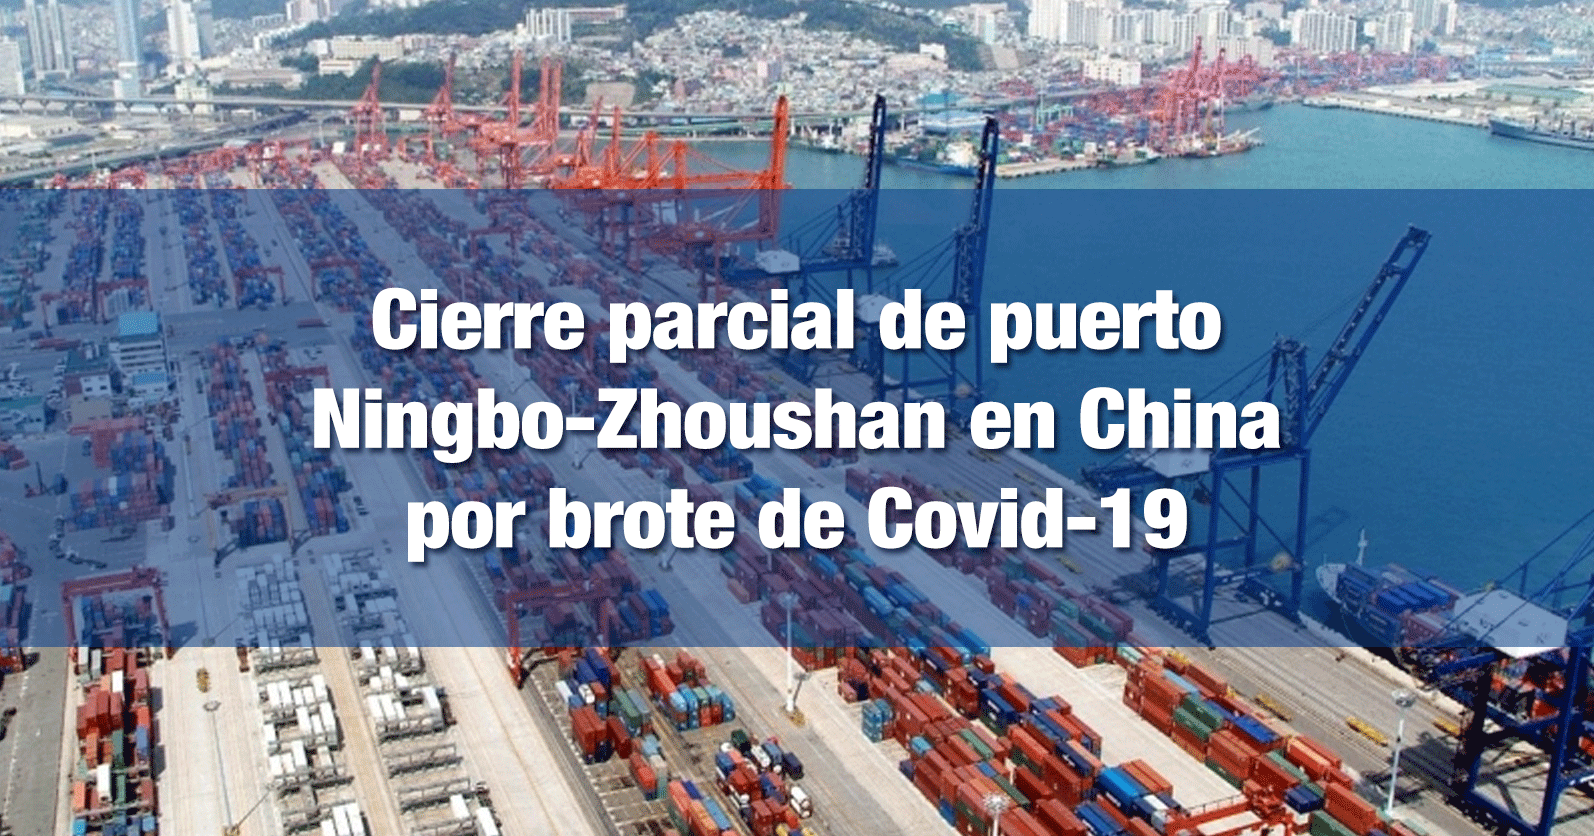 Cierre parcial de puerto Ningbo-Zhoushan en China por brote de Covid-19